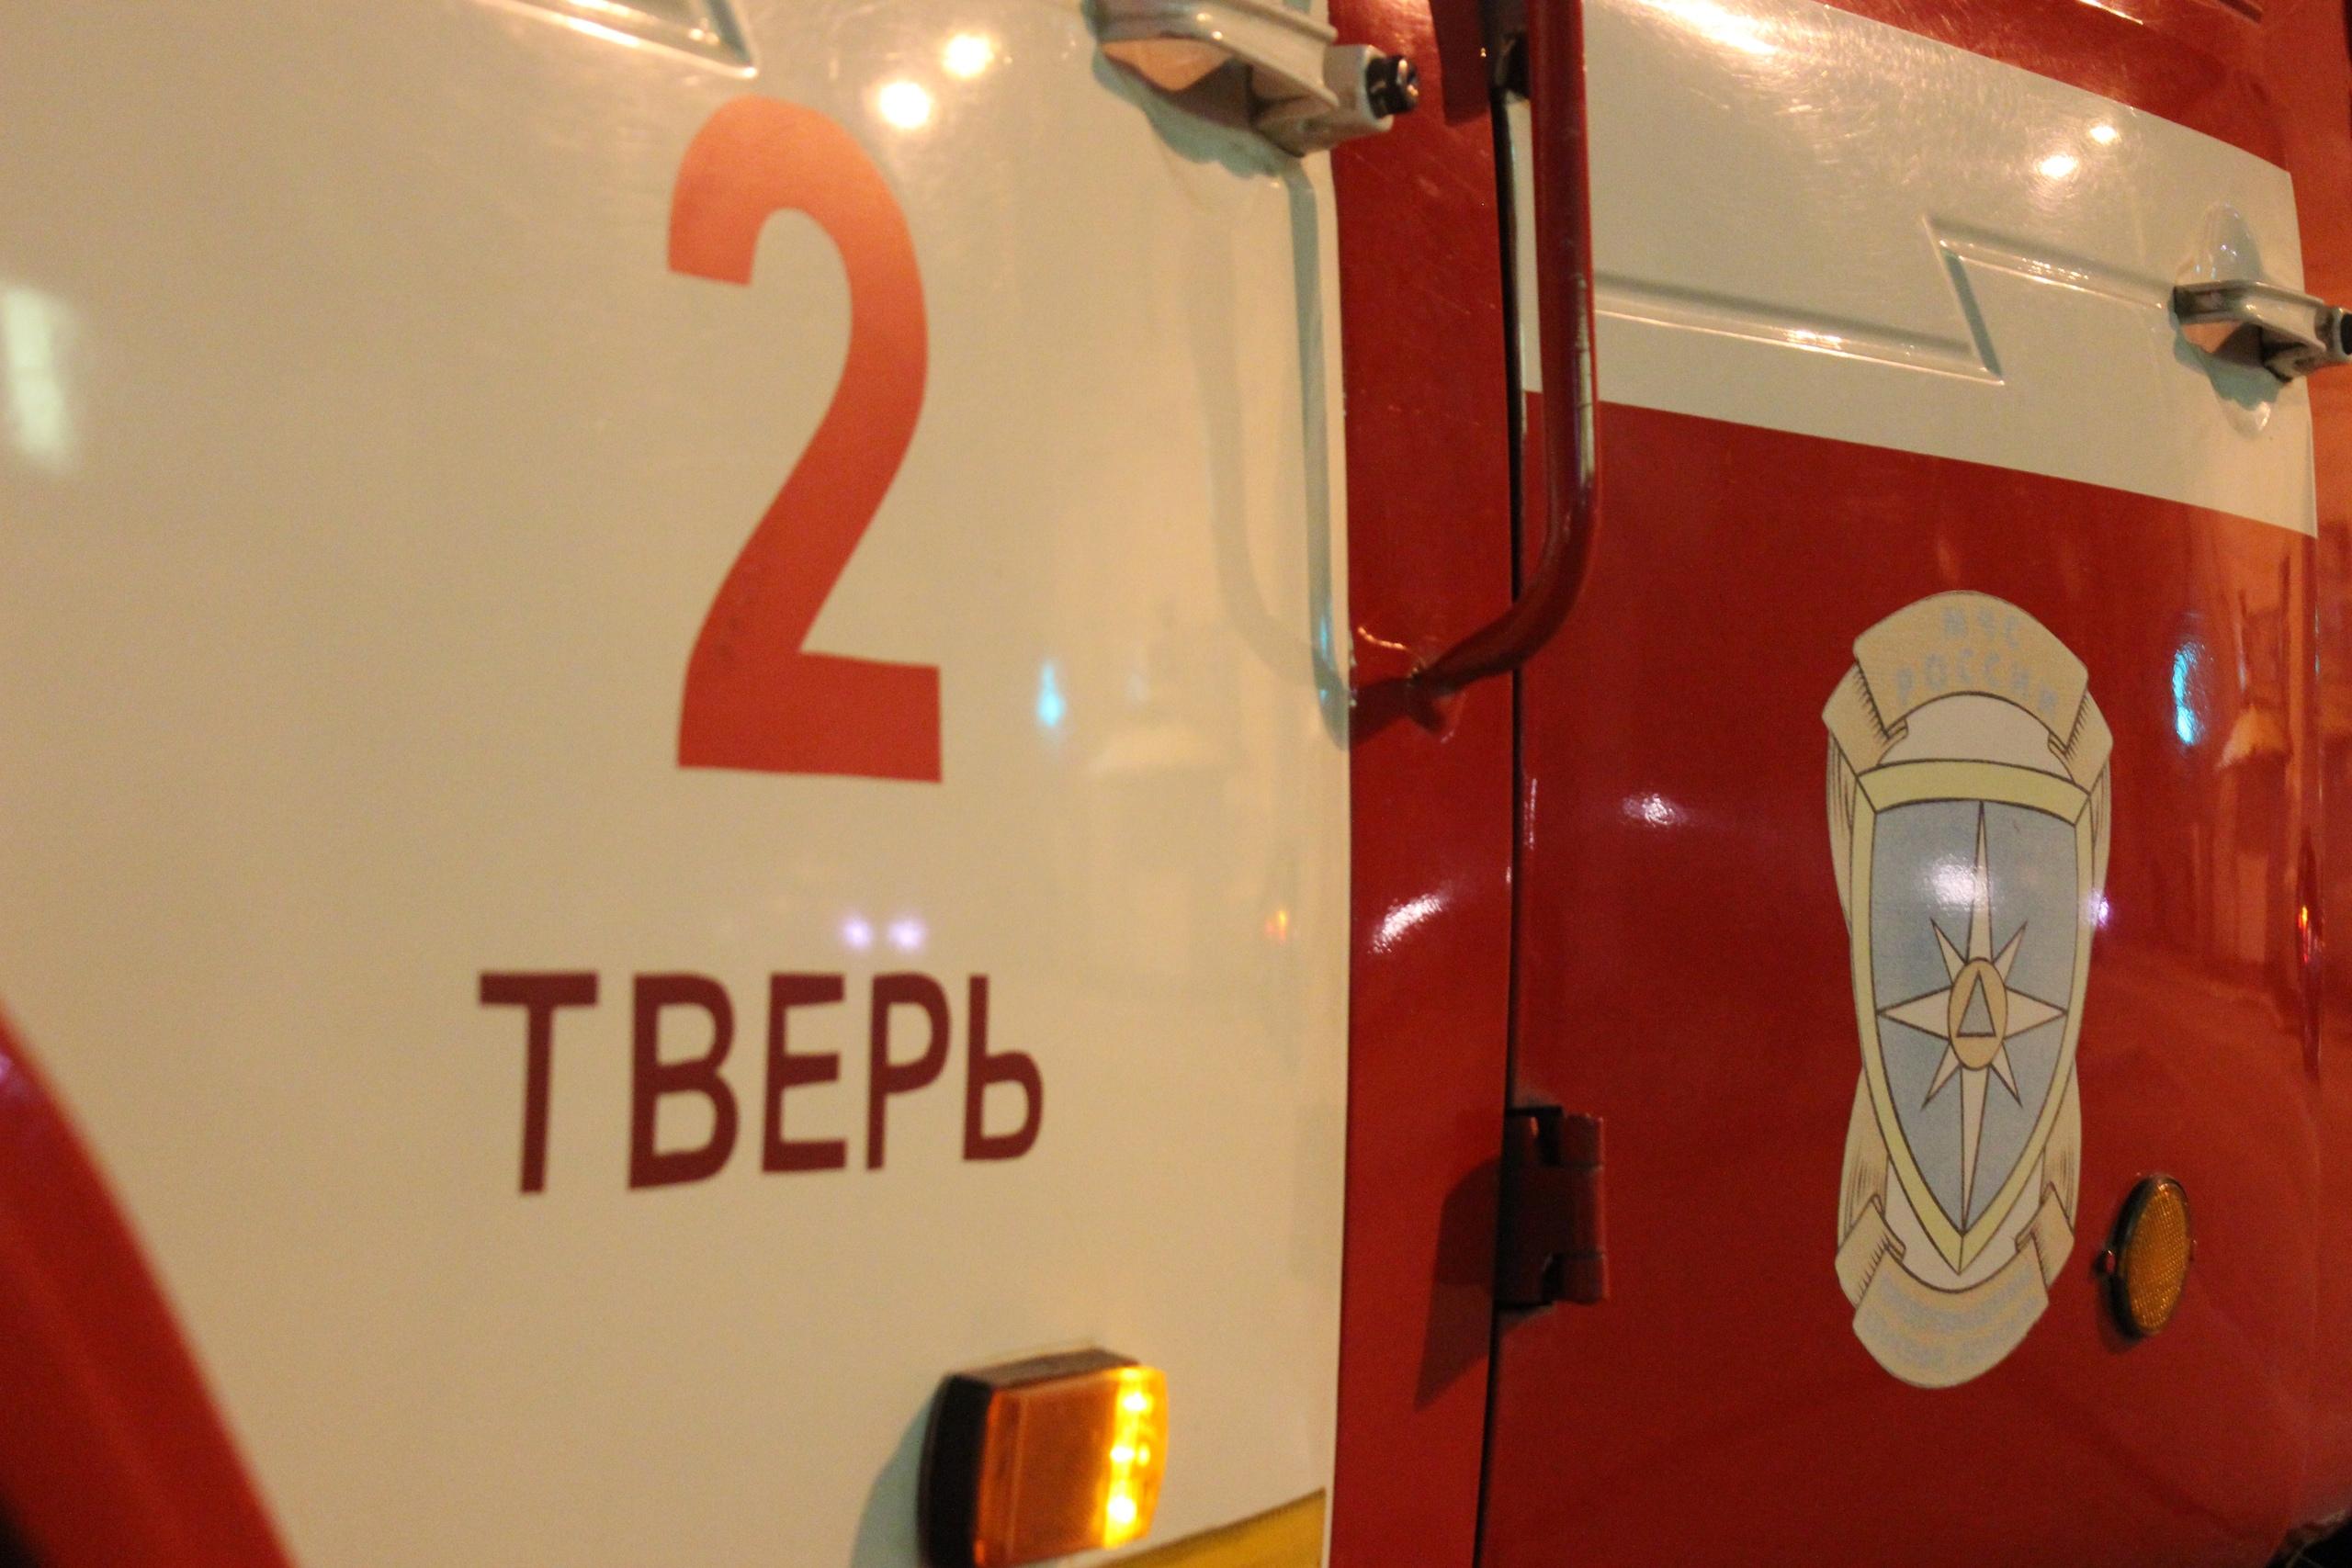 В Твери пожарные эвакуировали из горящей квартиры двух человек - новости Афанасий